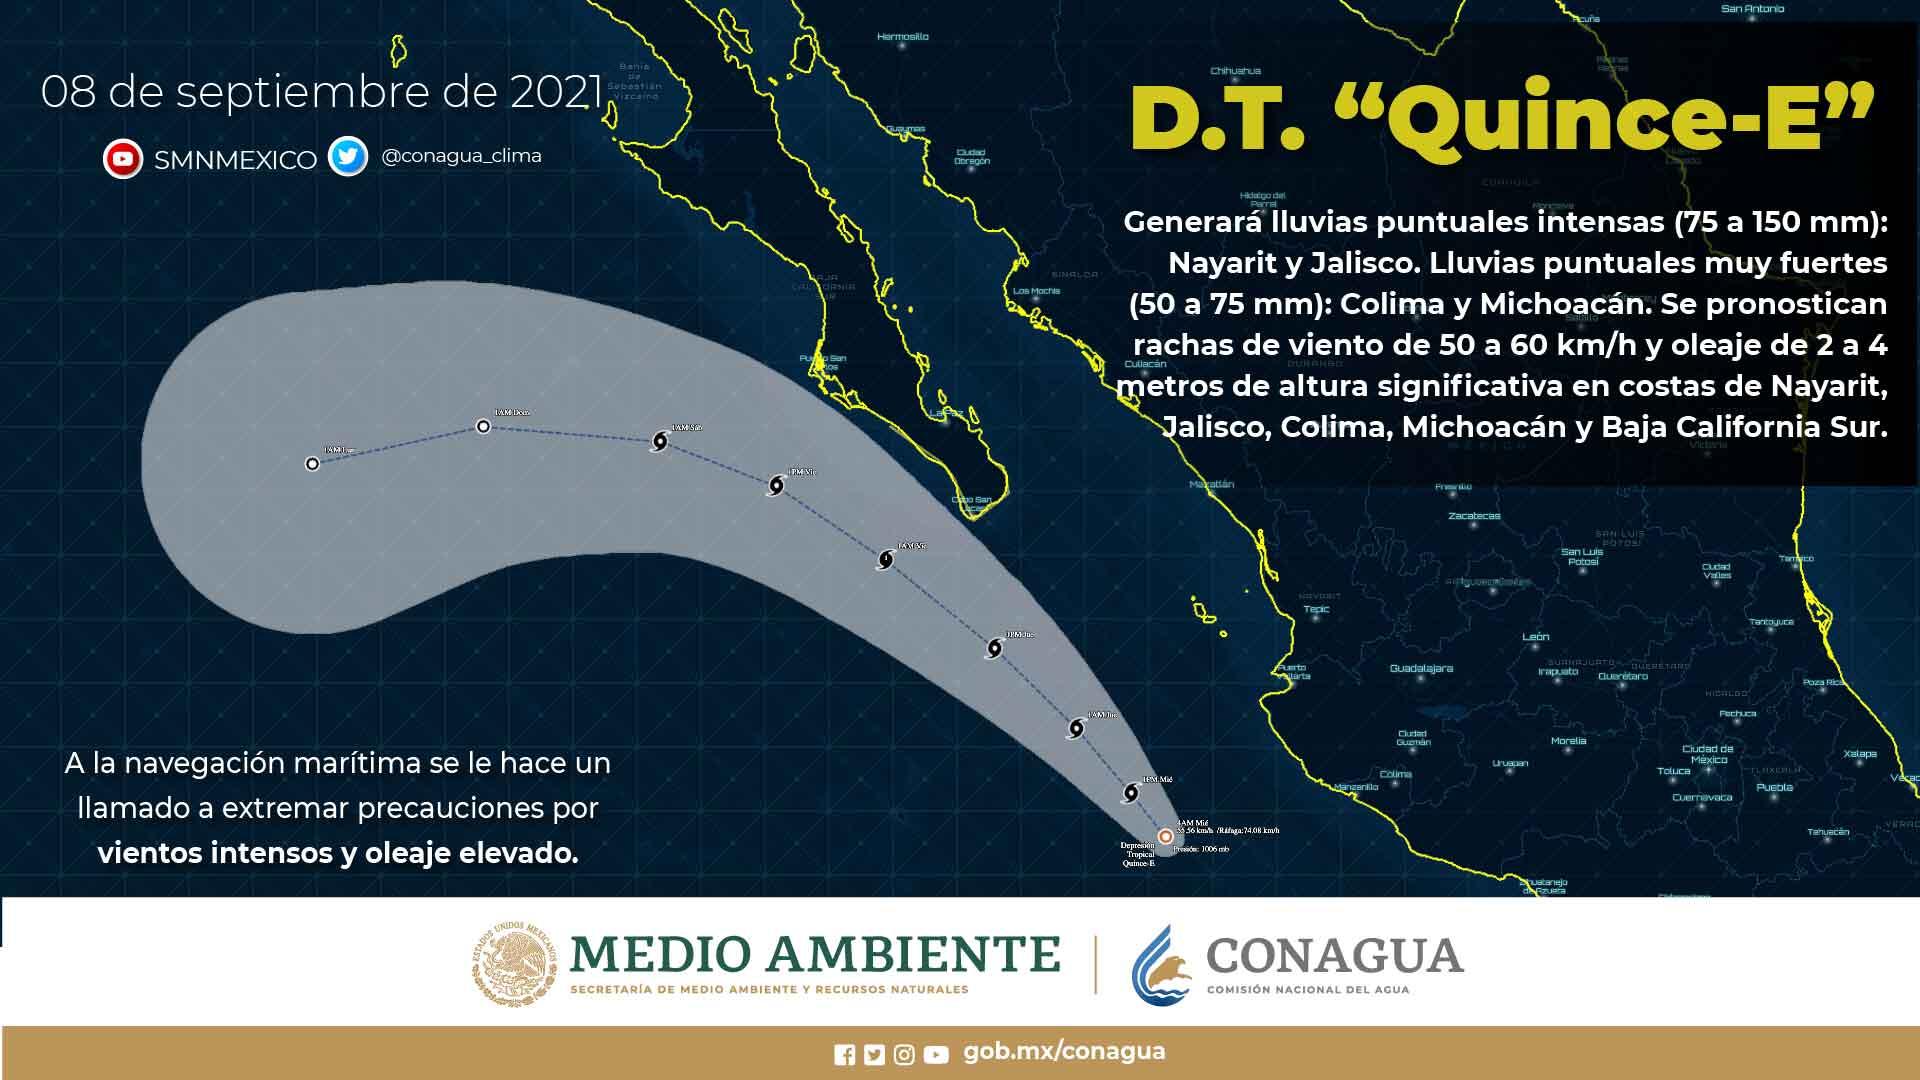 La Depresión Tropical Quince-E provocará lluvias en Jalisco y Nayarit, y muy fuertes en Michoacán